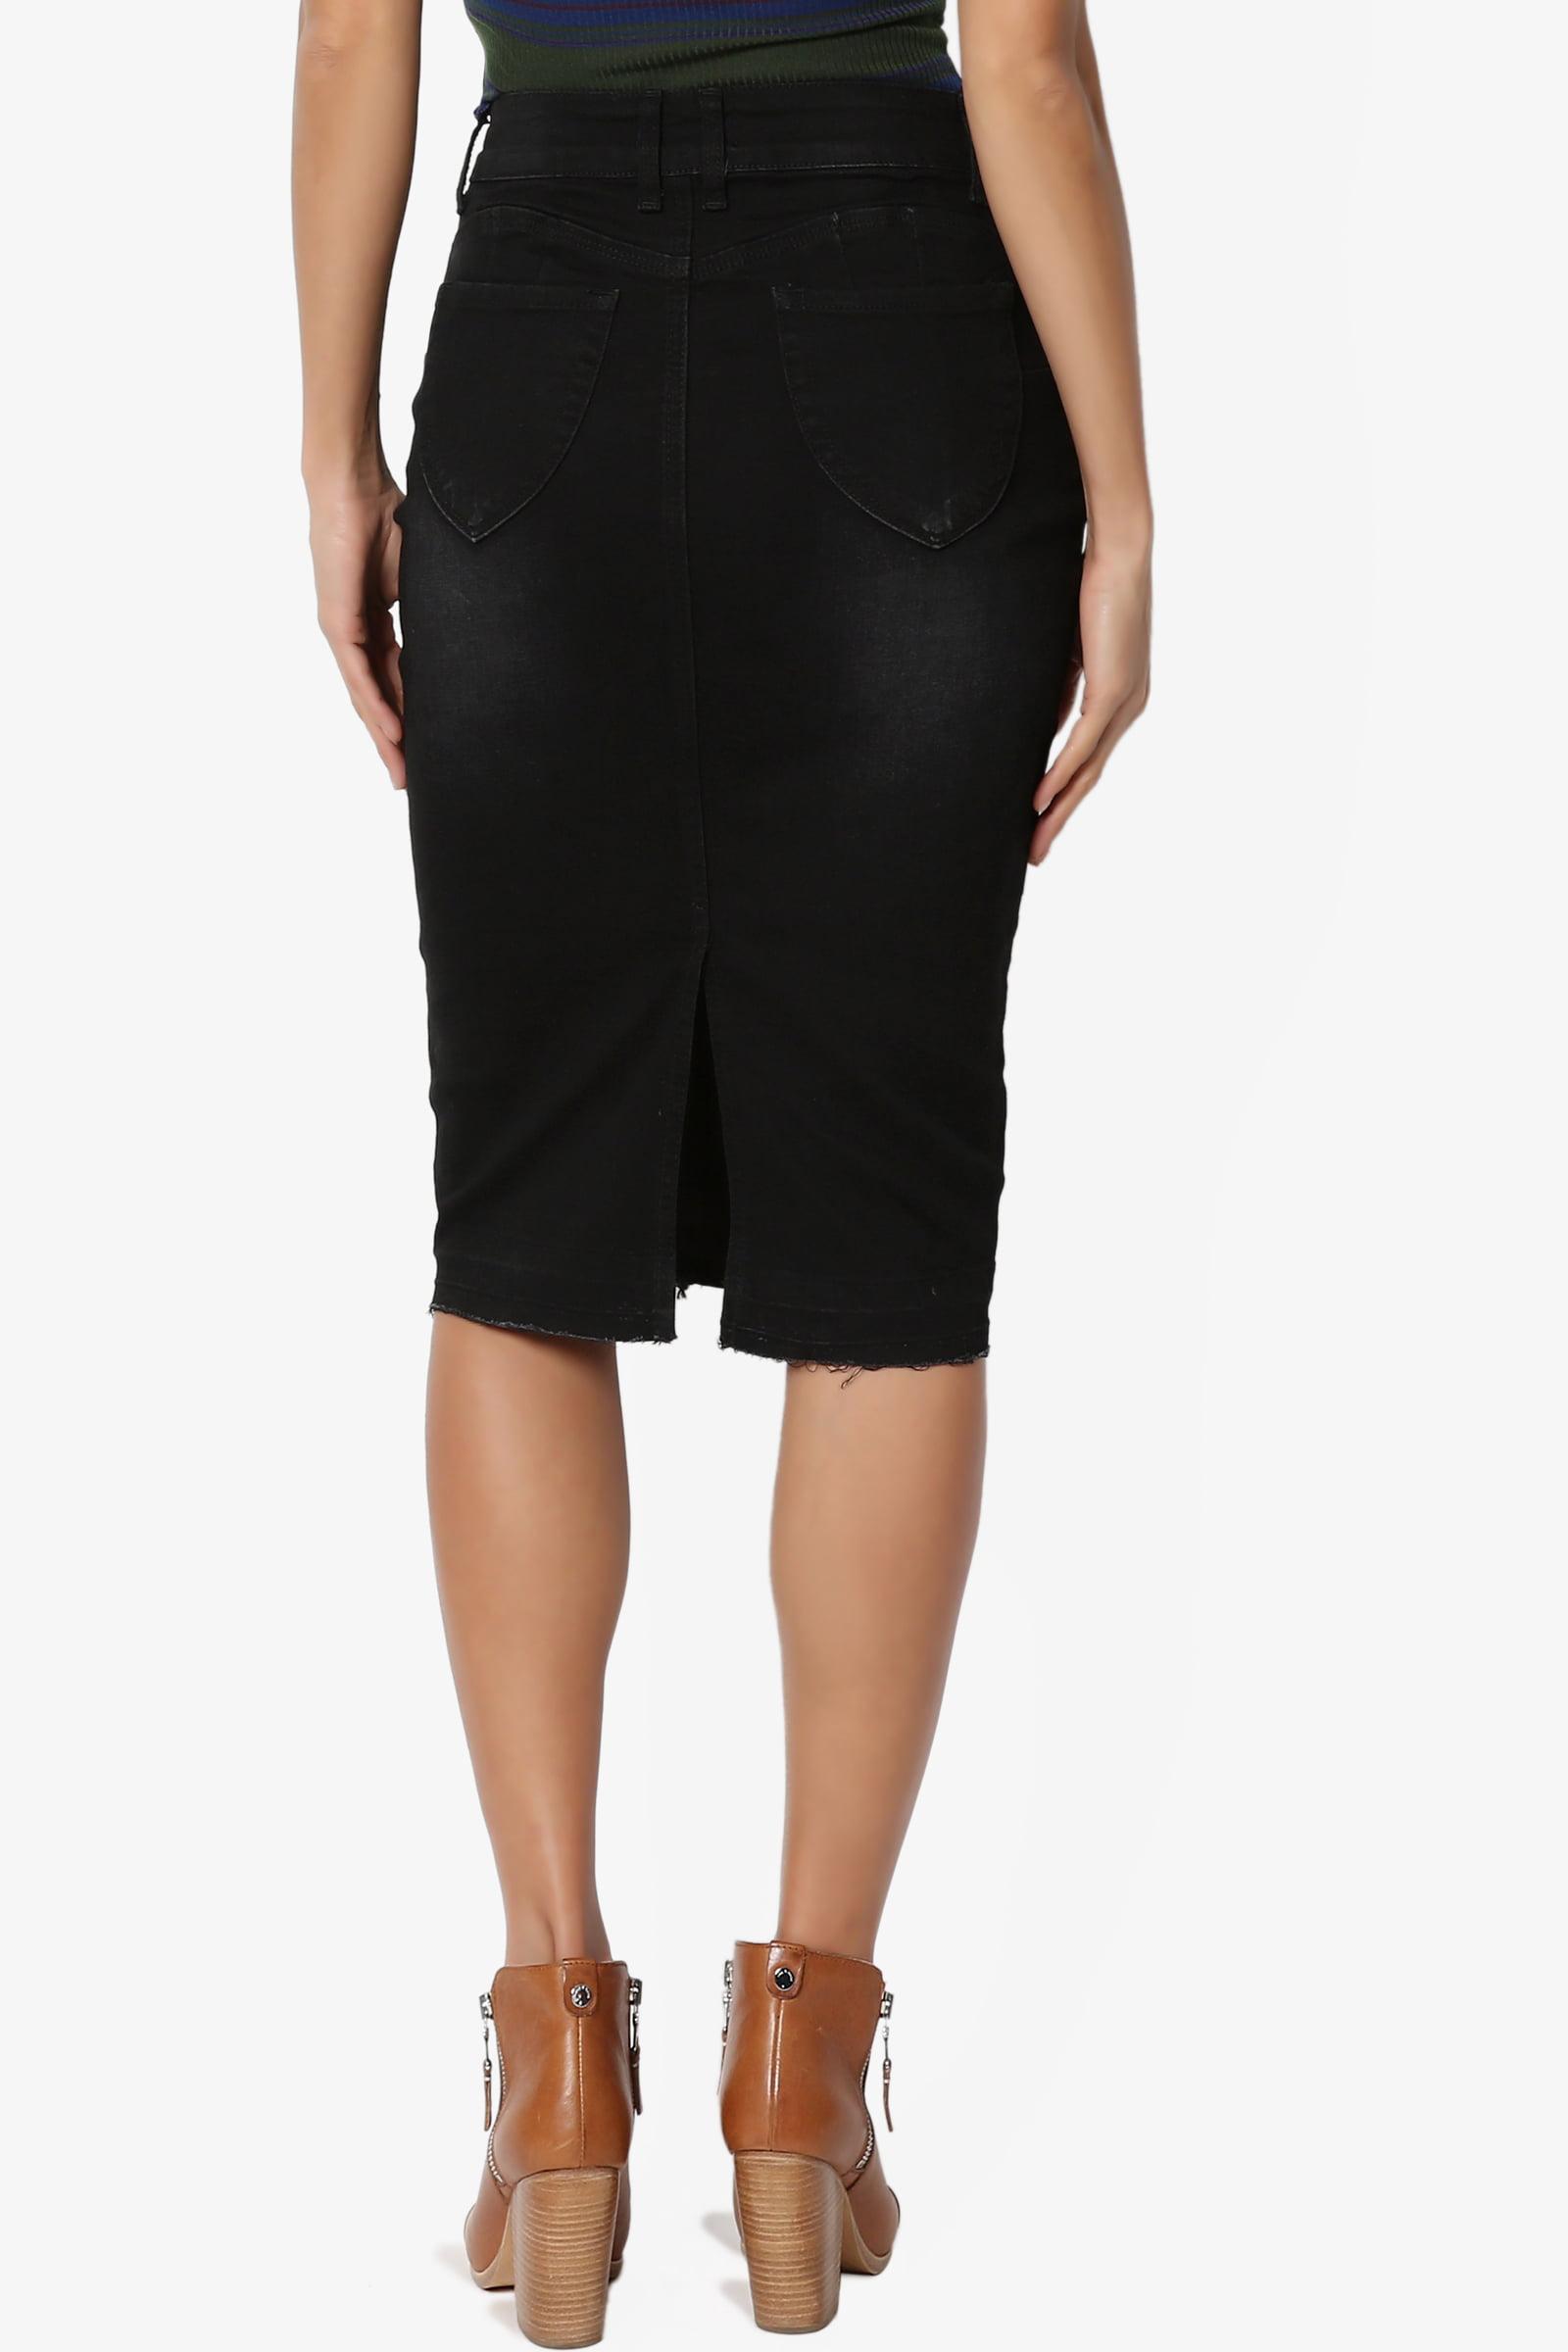 c08be9243fdd TheMogan - TheMogan Women's S~3X High Waist Soft Stretch Denim Butt Lift  Pencil Midi Jean Skirt - Walmart.com